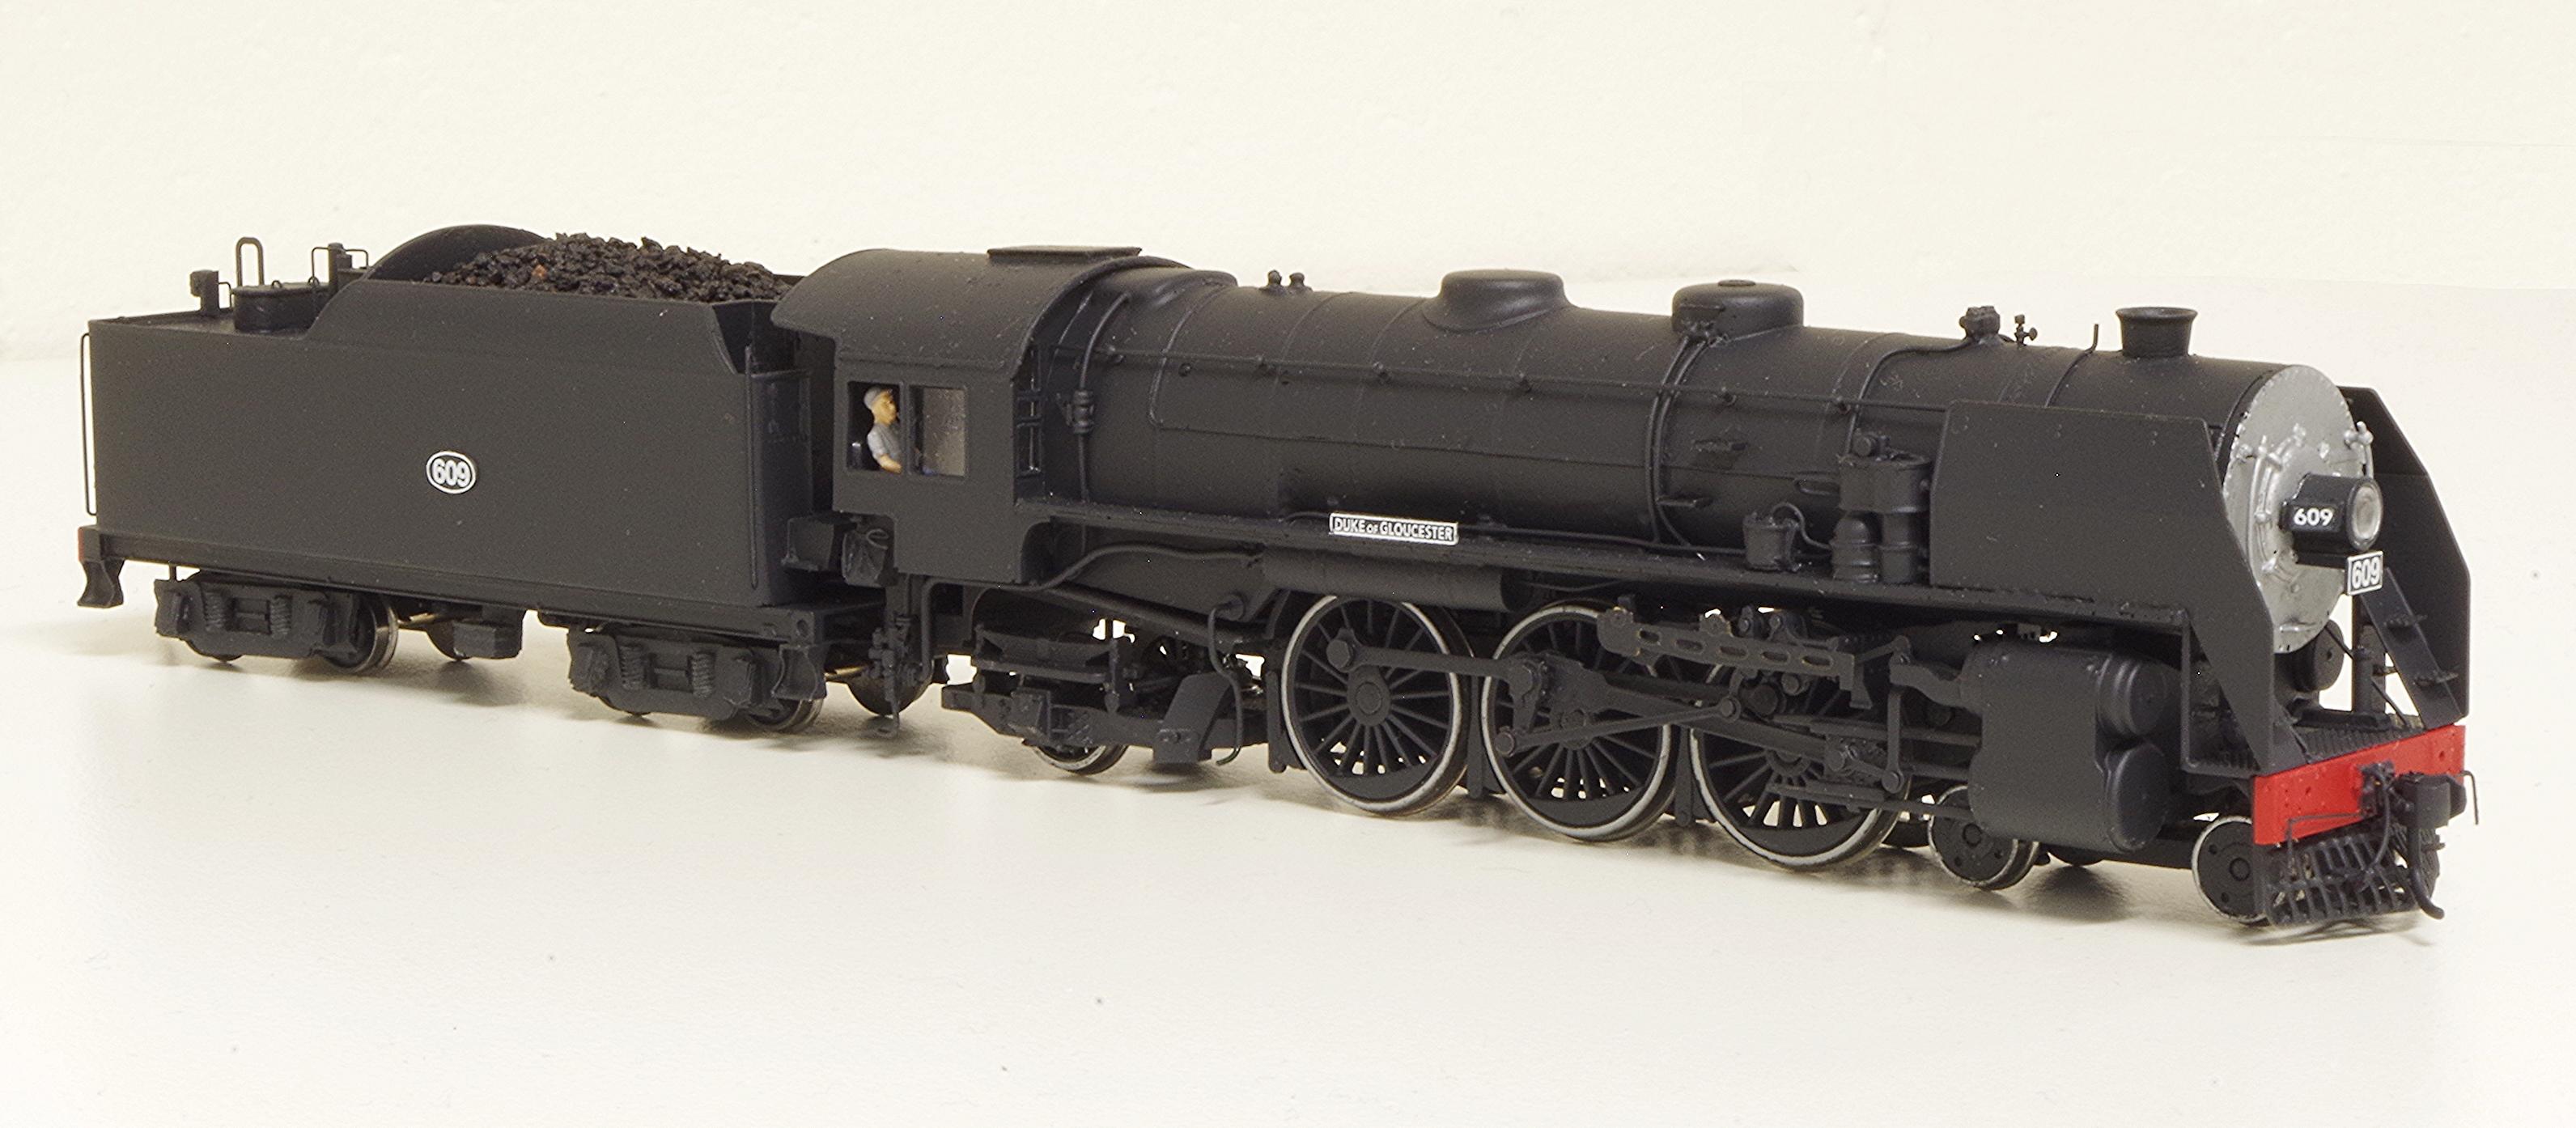 HO scale SAR 600C class No.609